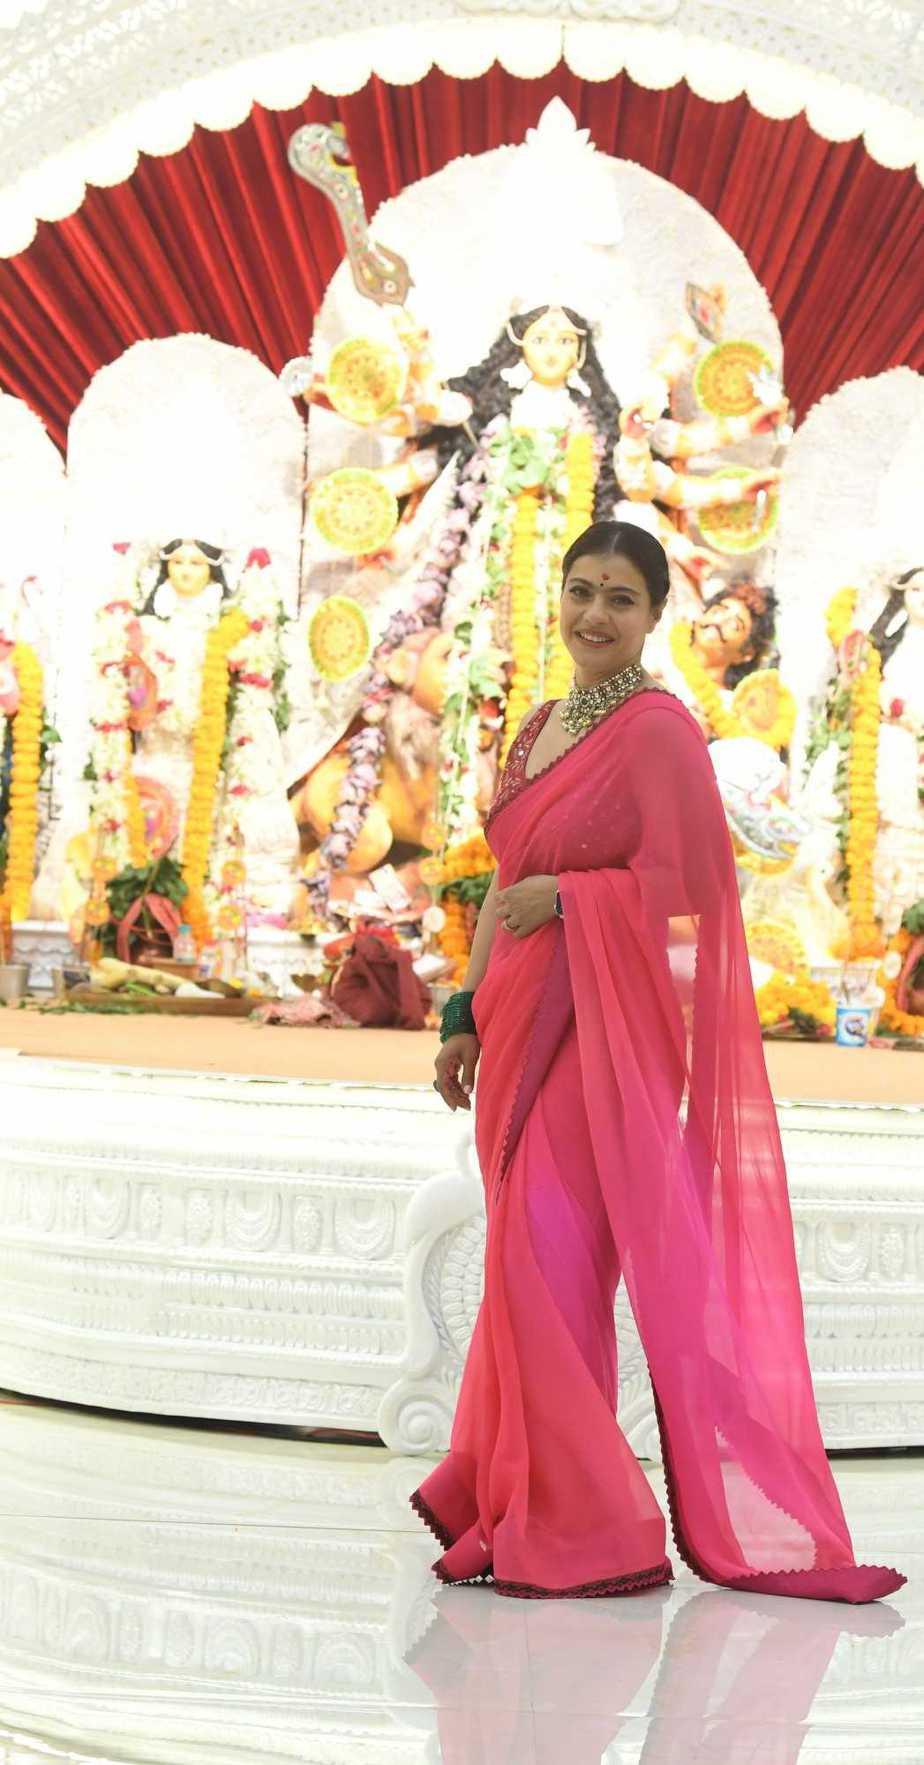 Kajol in pink saree by Punit balana for durga puja day1